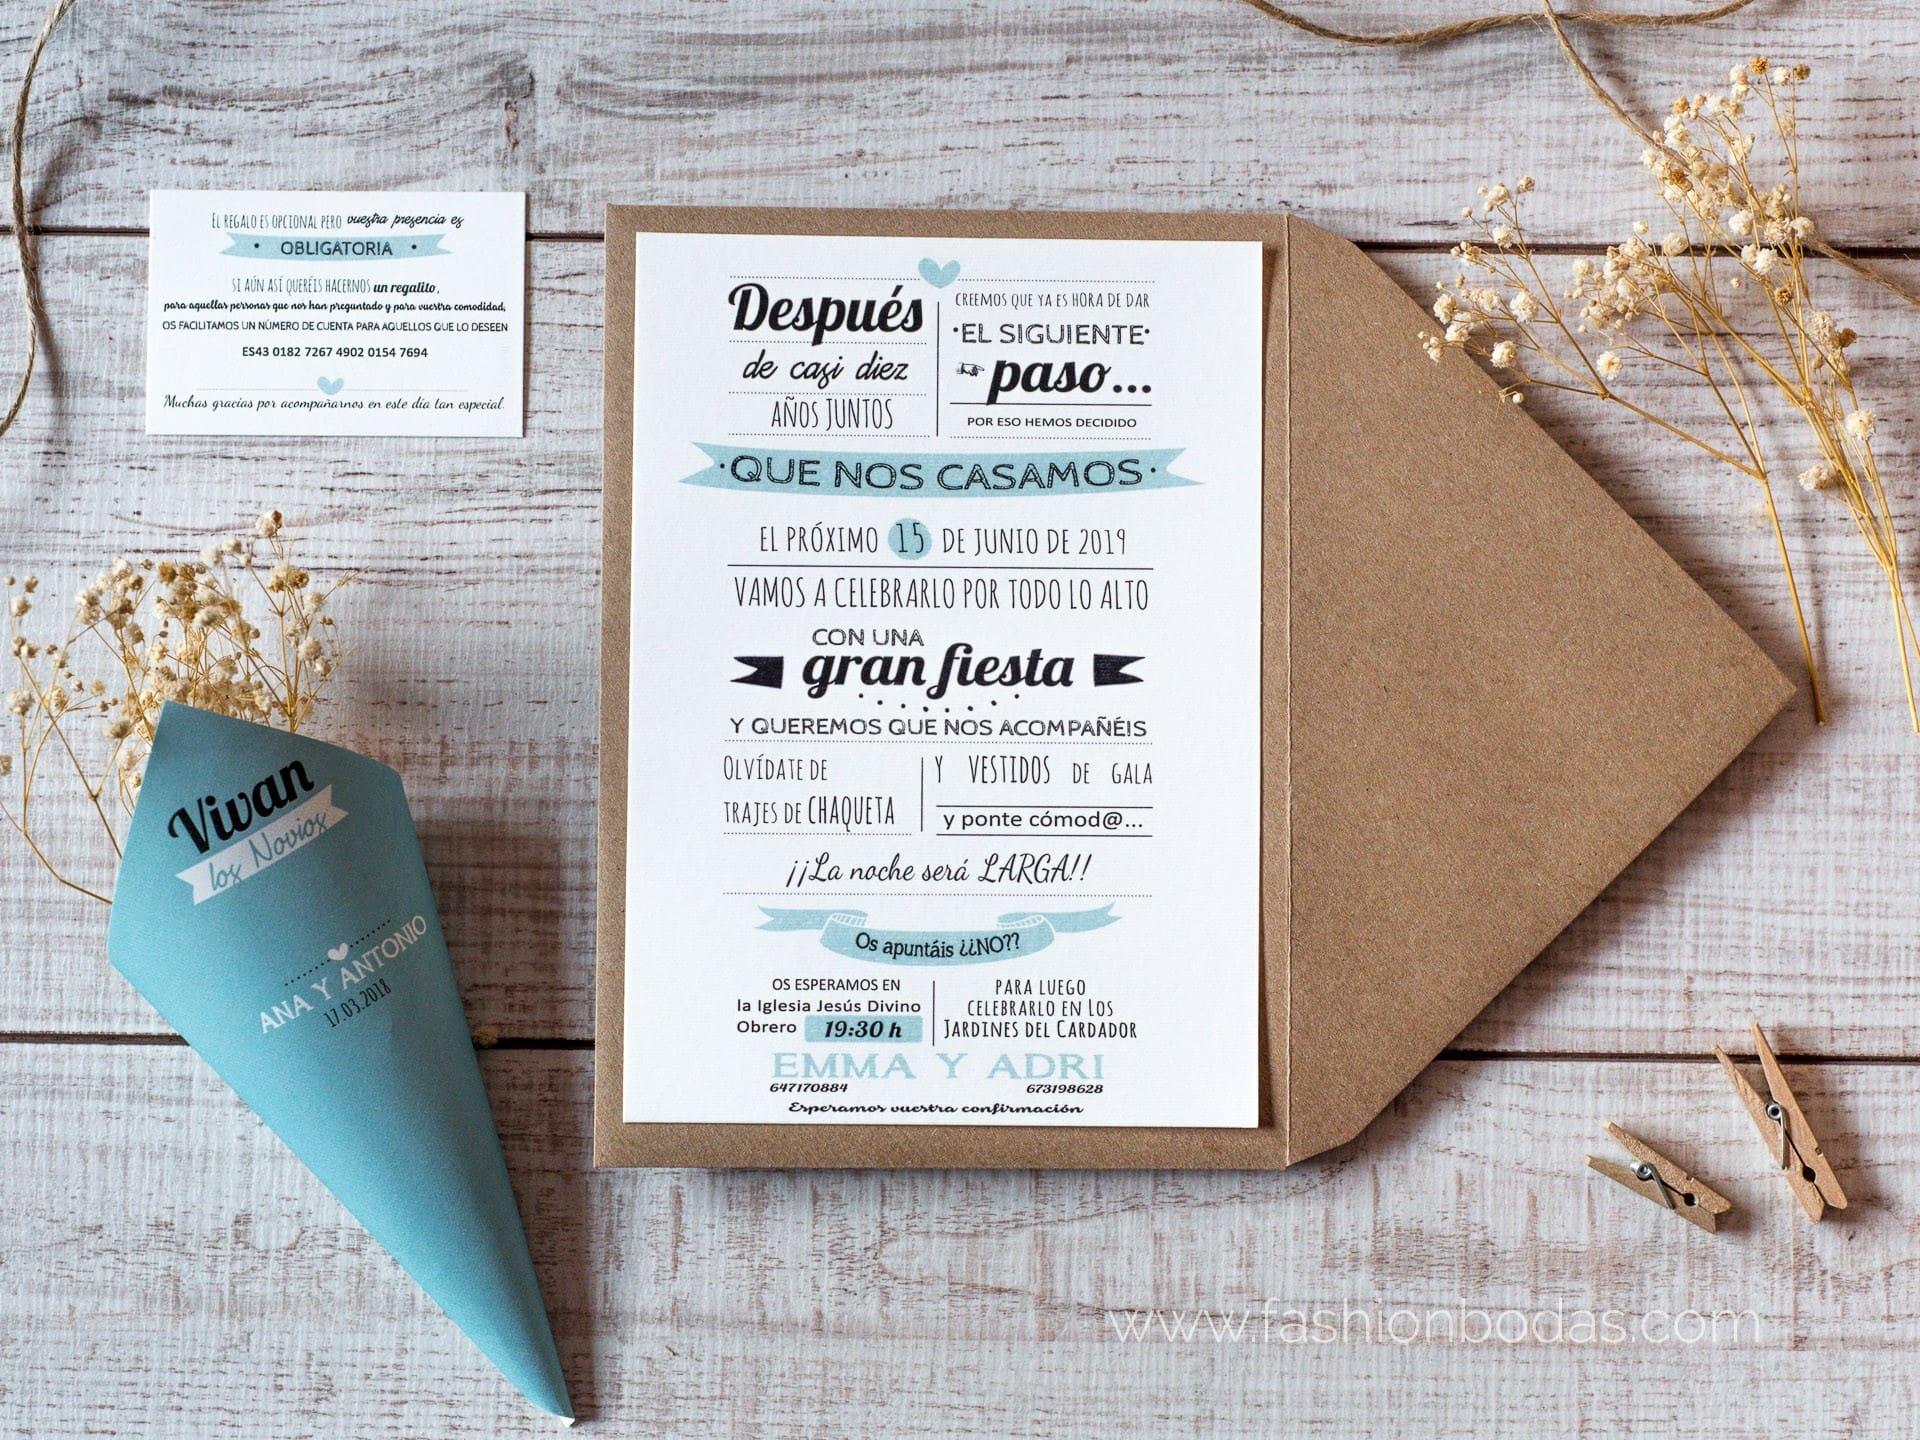 Invitacion de boda Moderna tipo MR. WONDERFUL Color Azul Sobre forrado  Sobre sin forro (incluido en el precio) Tarjetas nº cuenta No Impresión  Digital (+35€)